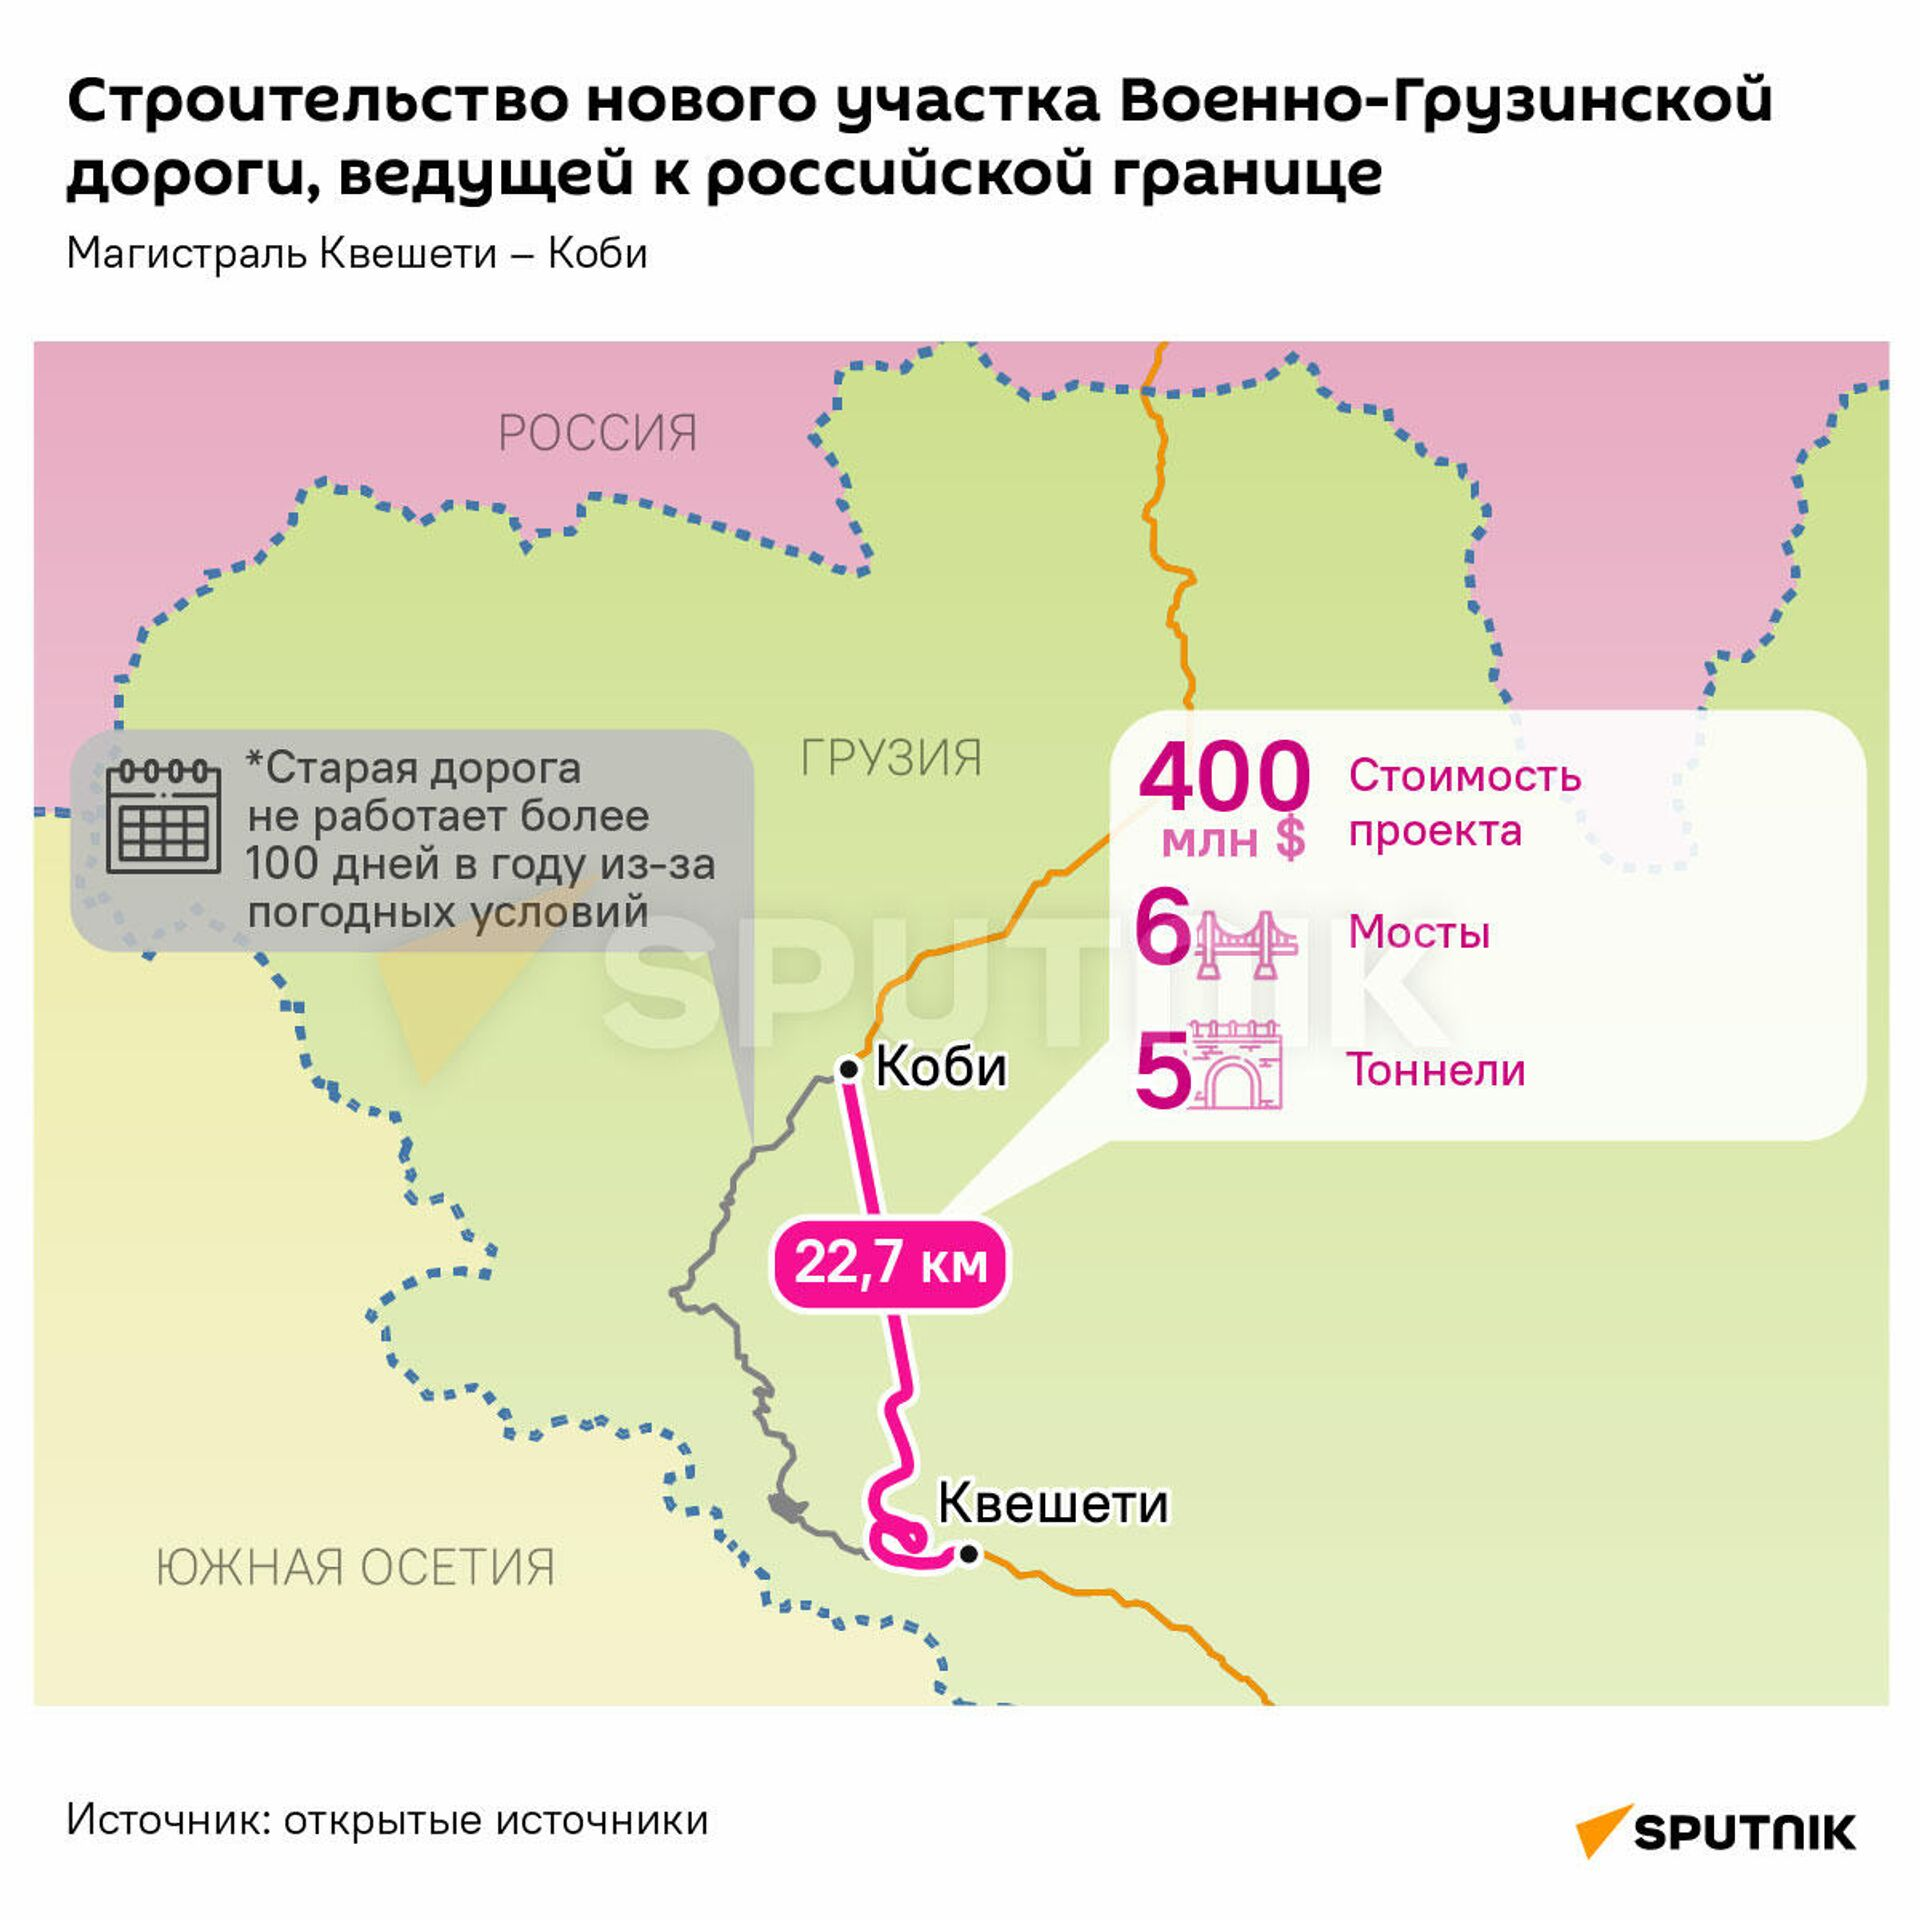 Строительство нового участка Военно-Грузинской дороги, ведущей к российской границе - Sputnik Армения, 1920, 22.09.2021